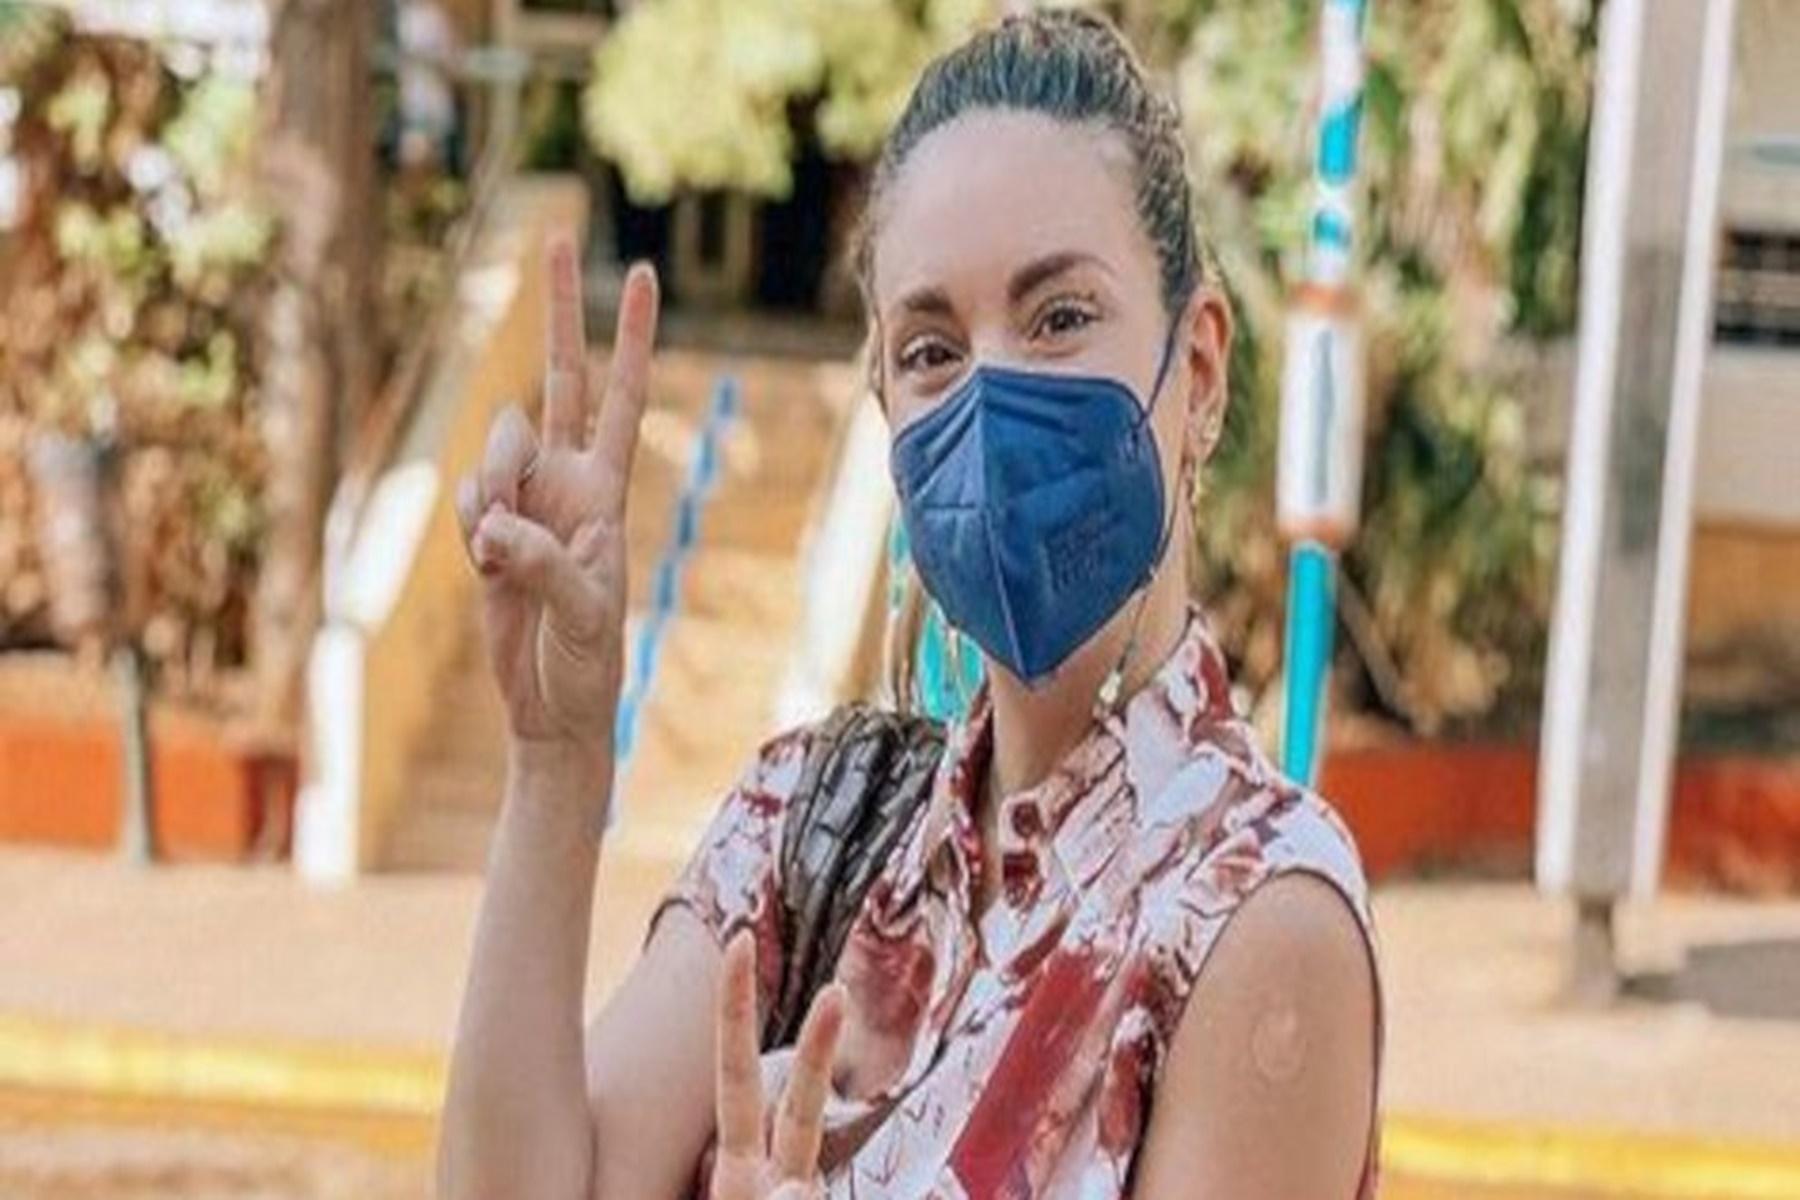 Αθηνά Οικονομάκου : Κάνει το εμβόλιο και το δείχνει σε φωτογραφία